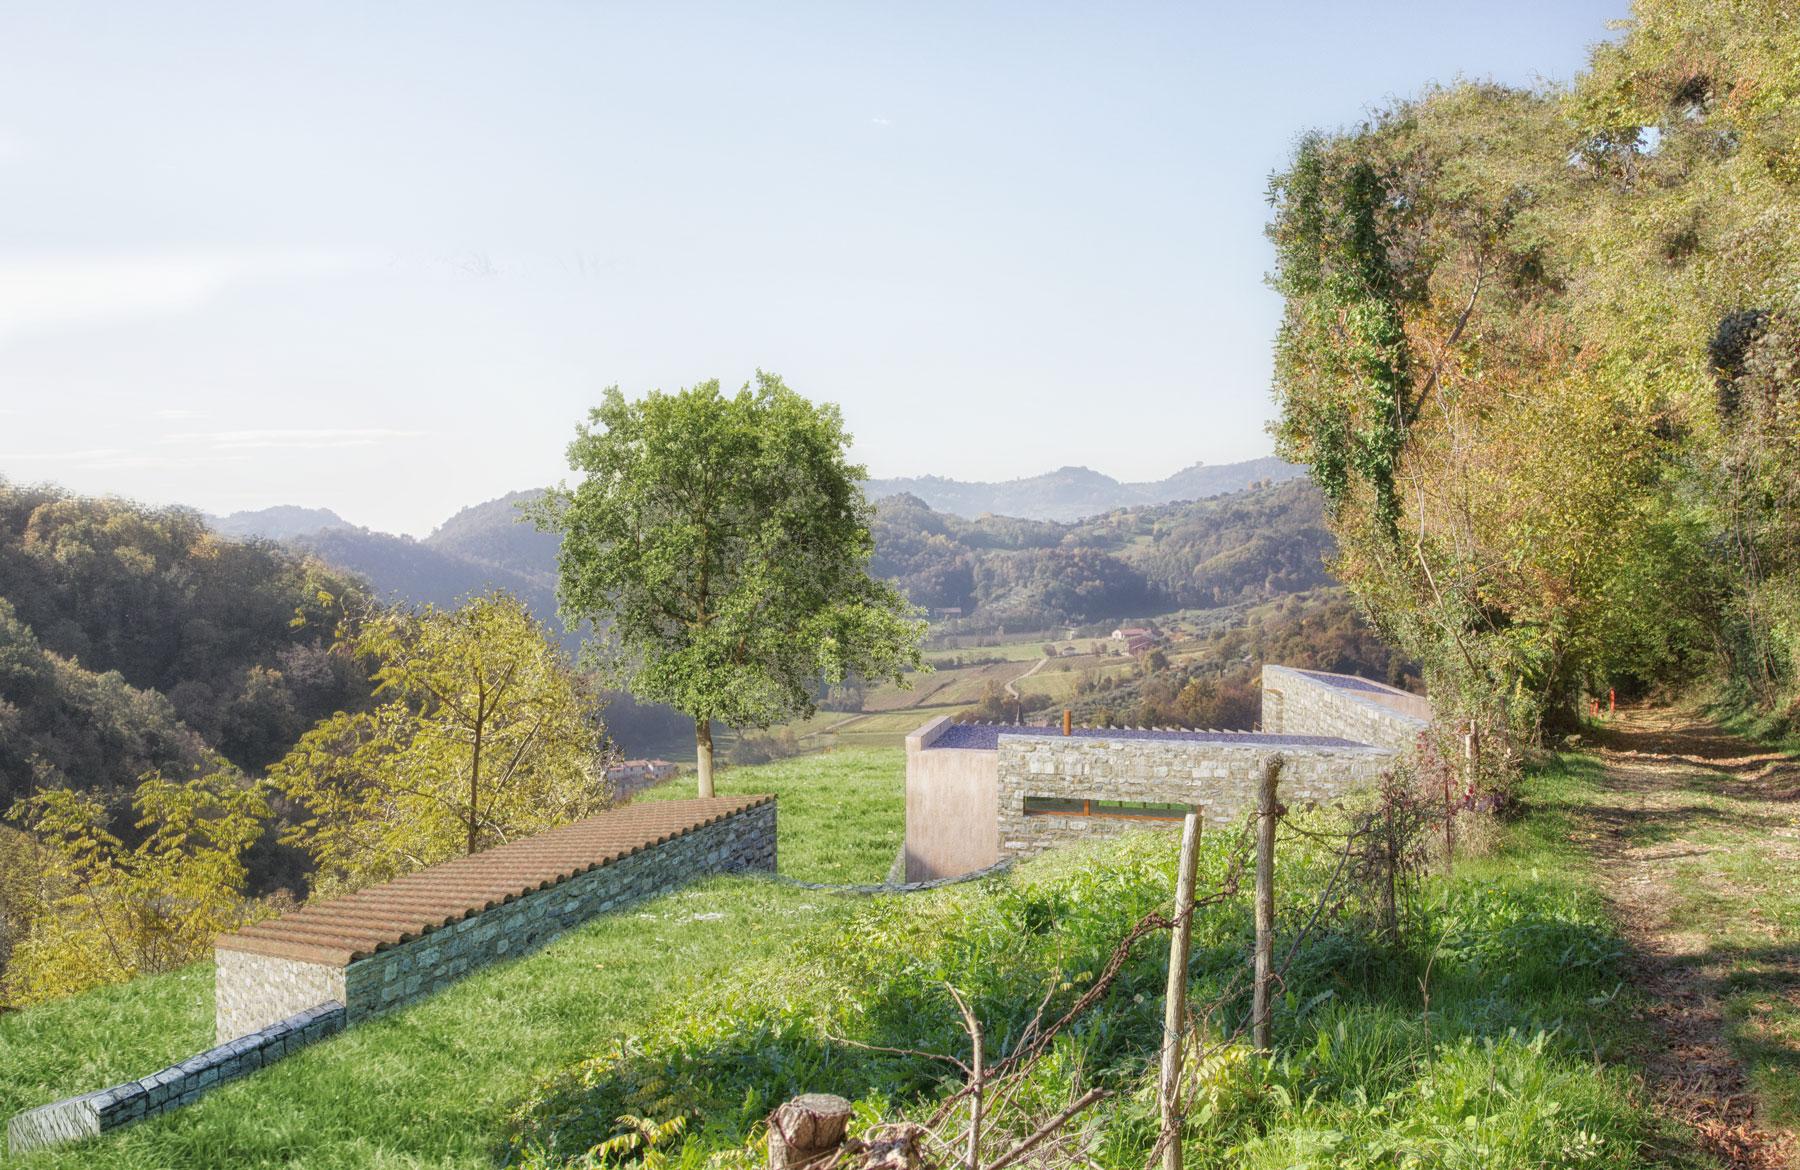 casaMV - luogo: Bassano del Grappa (VI)committente: Privatoimporto lavori: n.d.anno: 2018